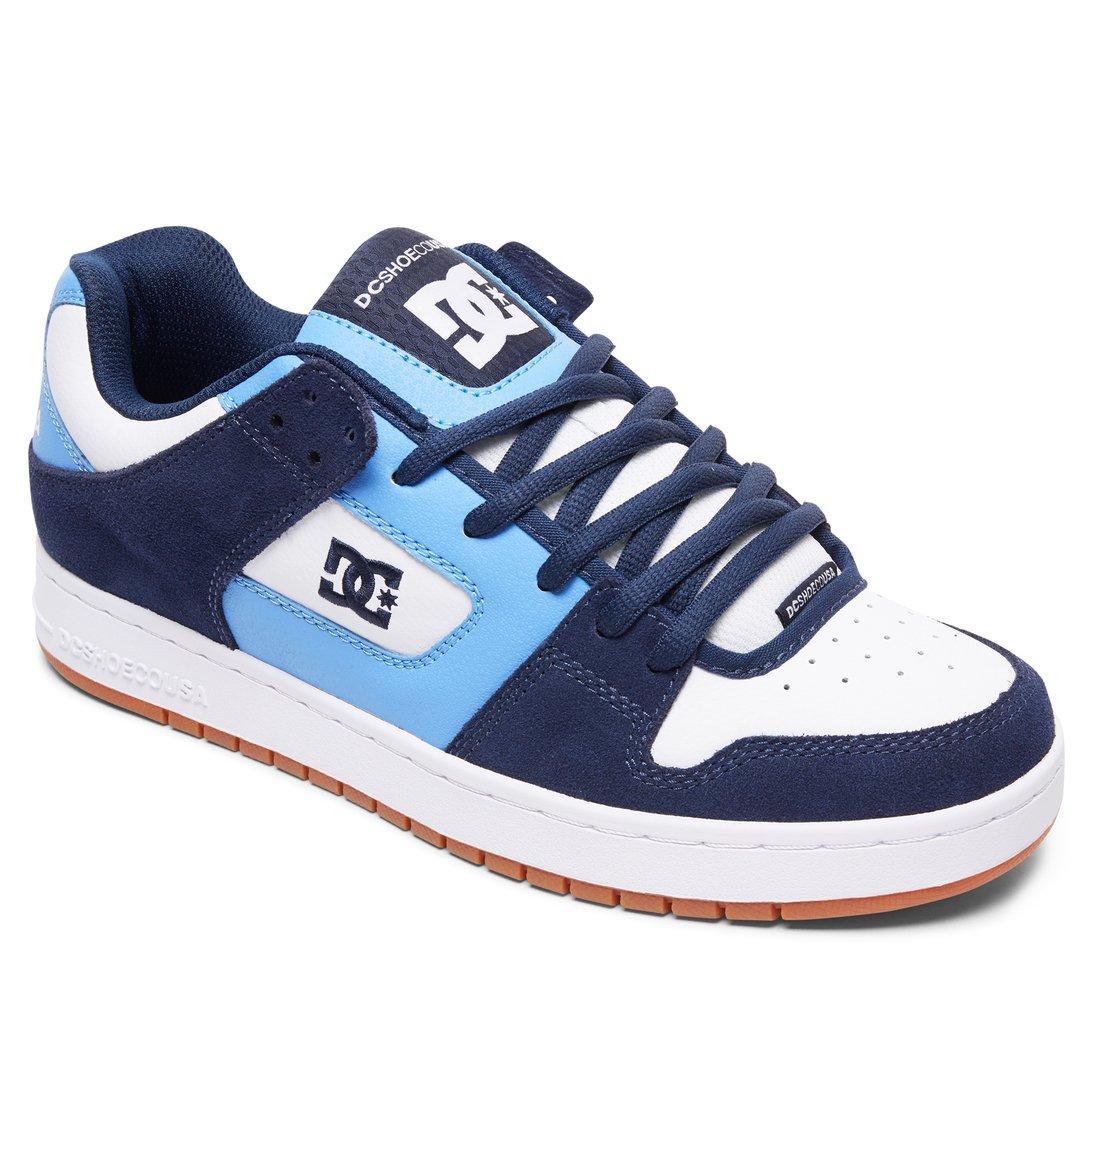 Manteca Shoes Azul 1 DC Hombre Zapatos para ADYS100177 CxwTP